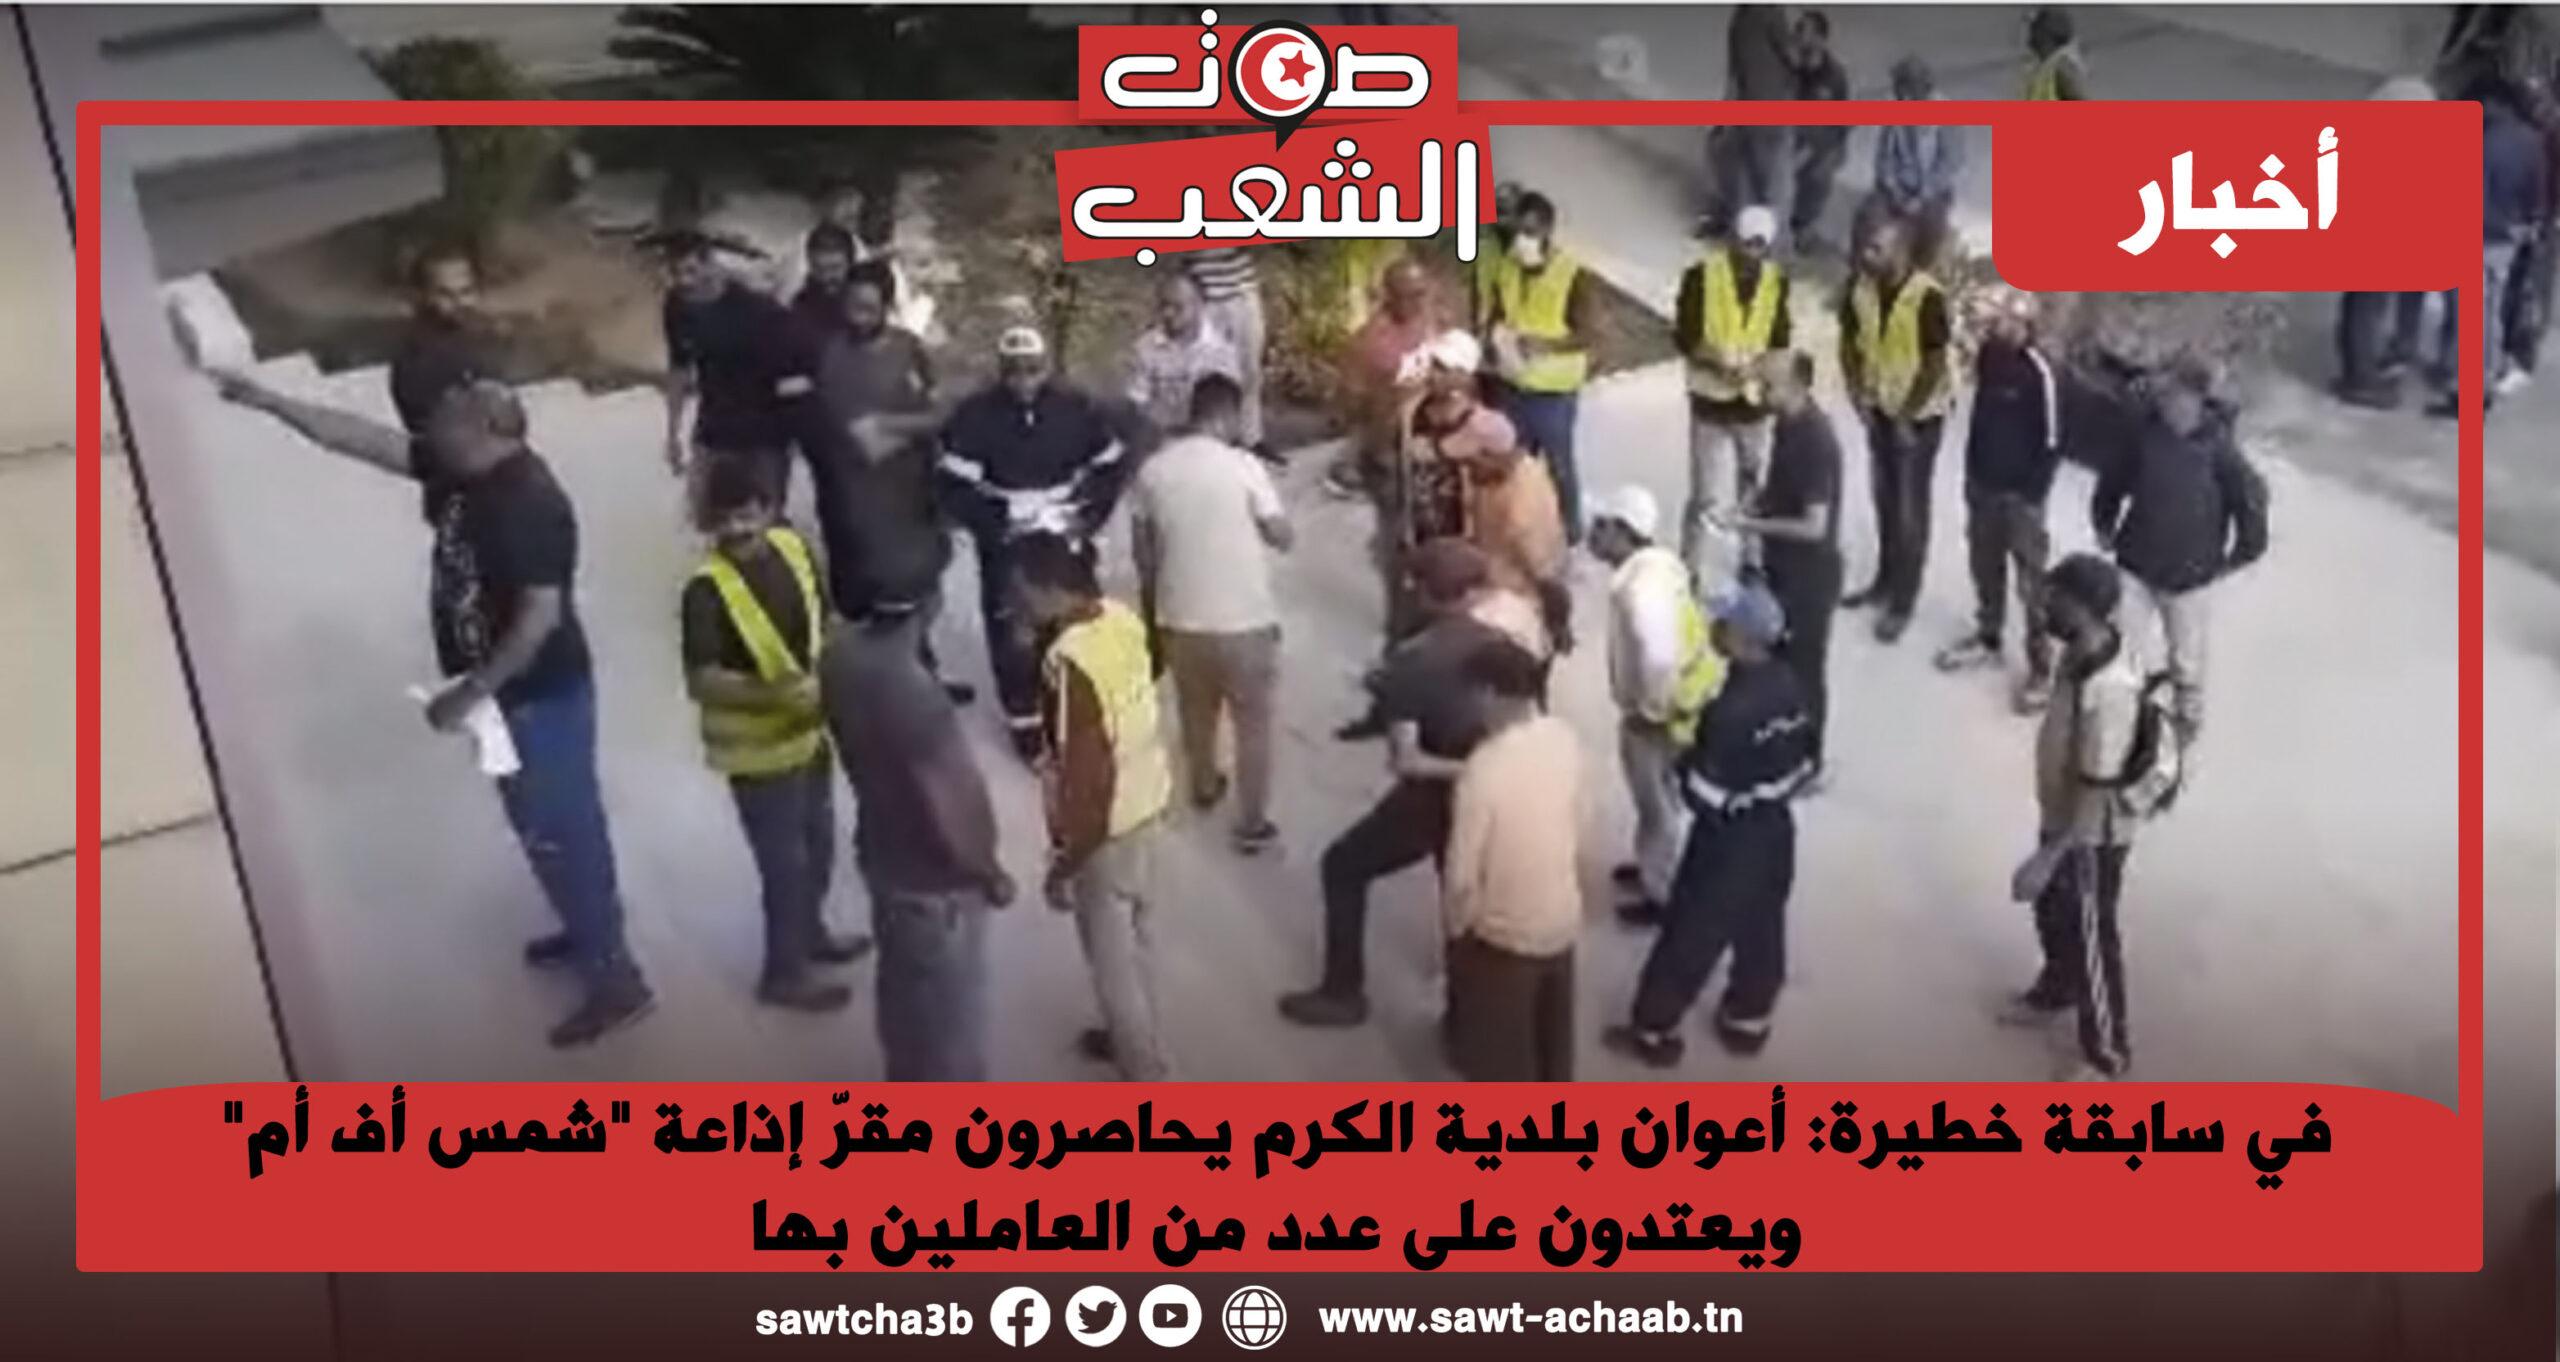 """في سابقة خطيرة: أعوان بلدية الكرم يحاصرون مقرّ إذاعة """"شمس أف أم"""" ويعتدون على عدد من العاملين بها"""